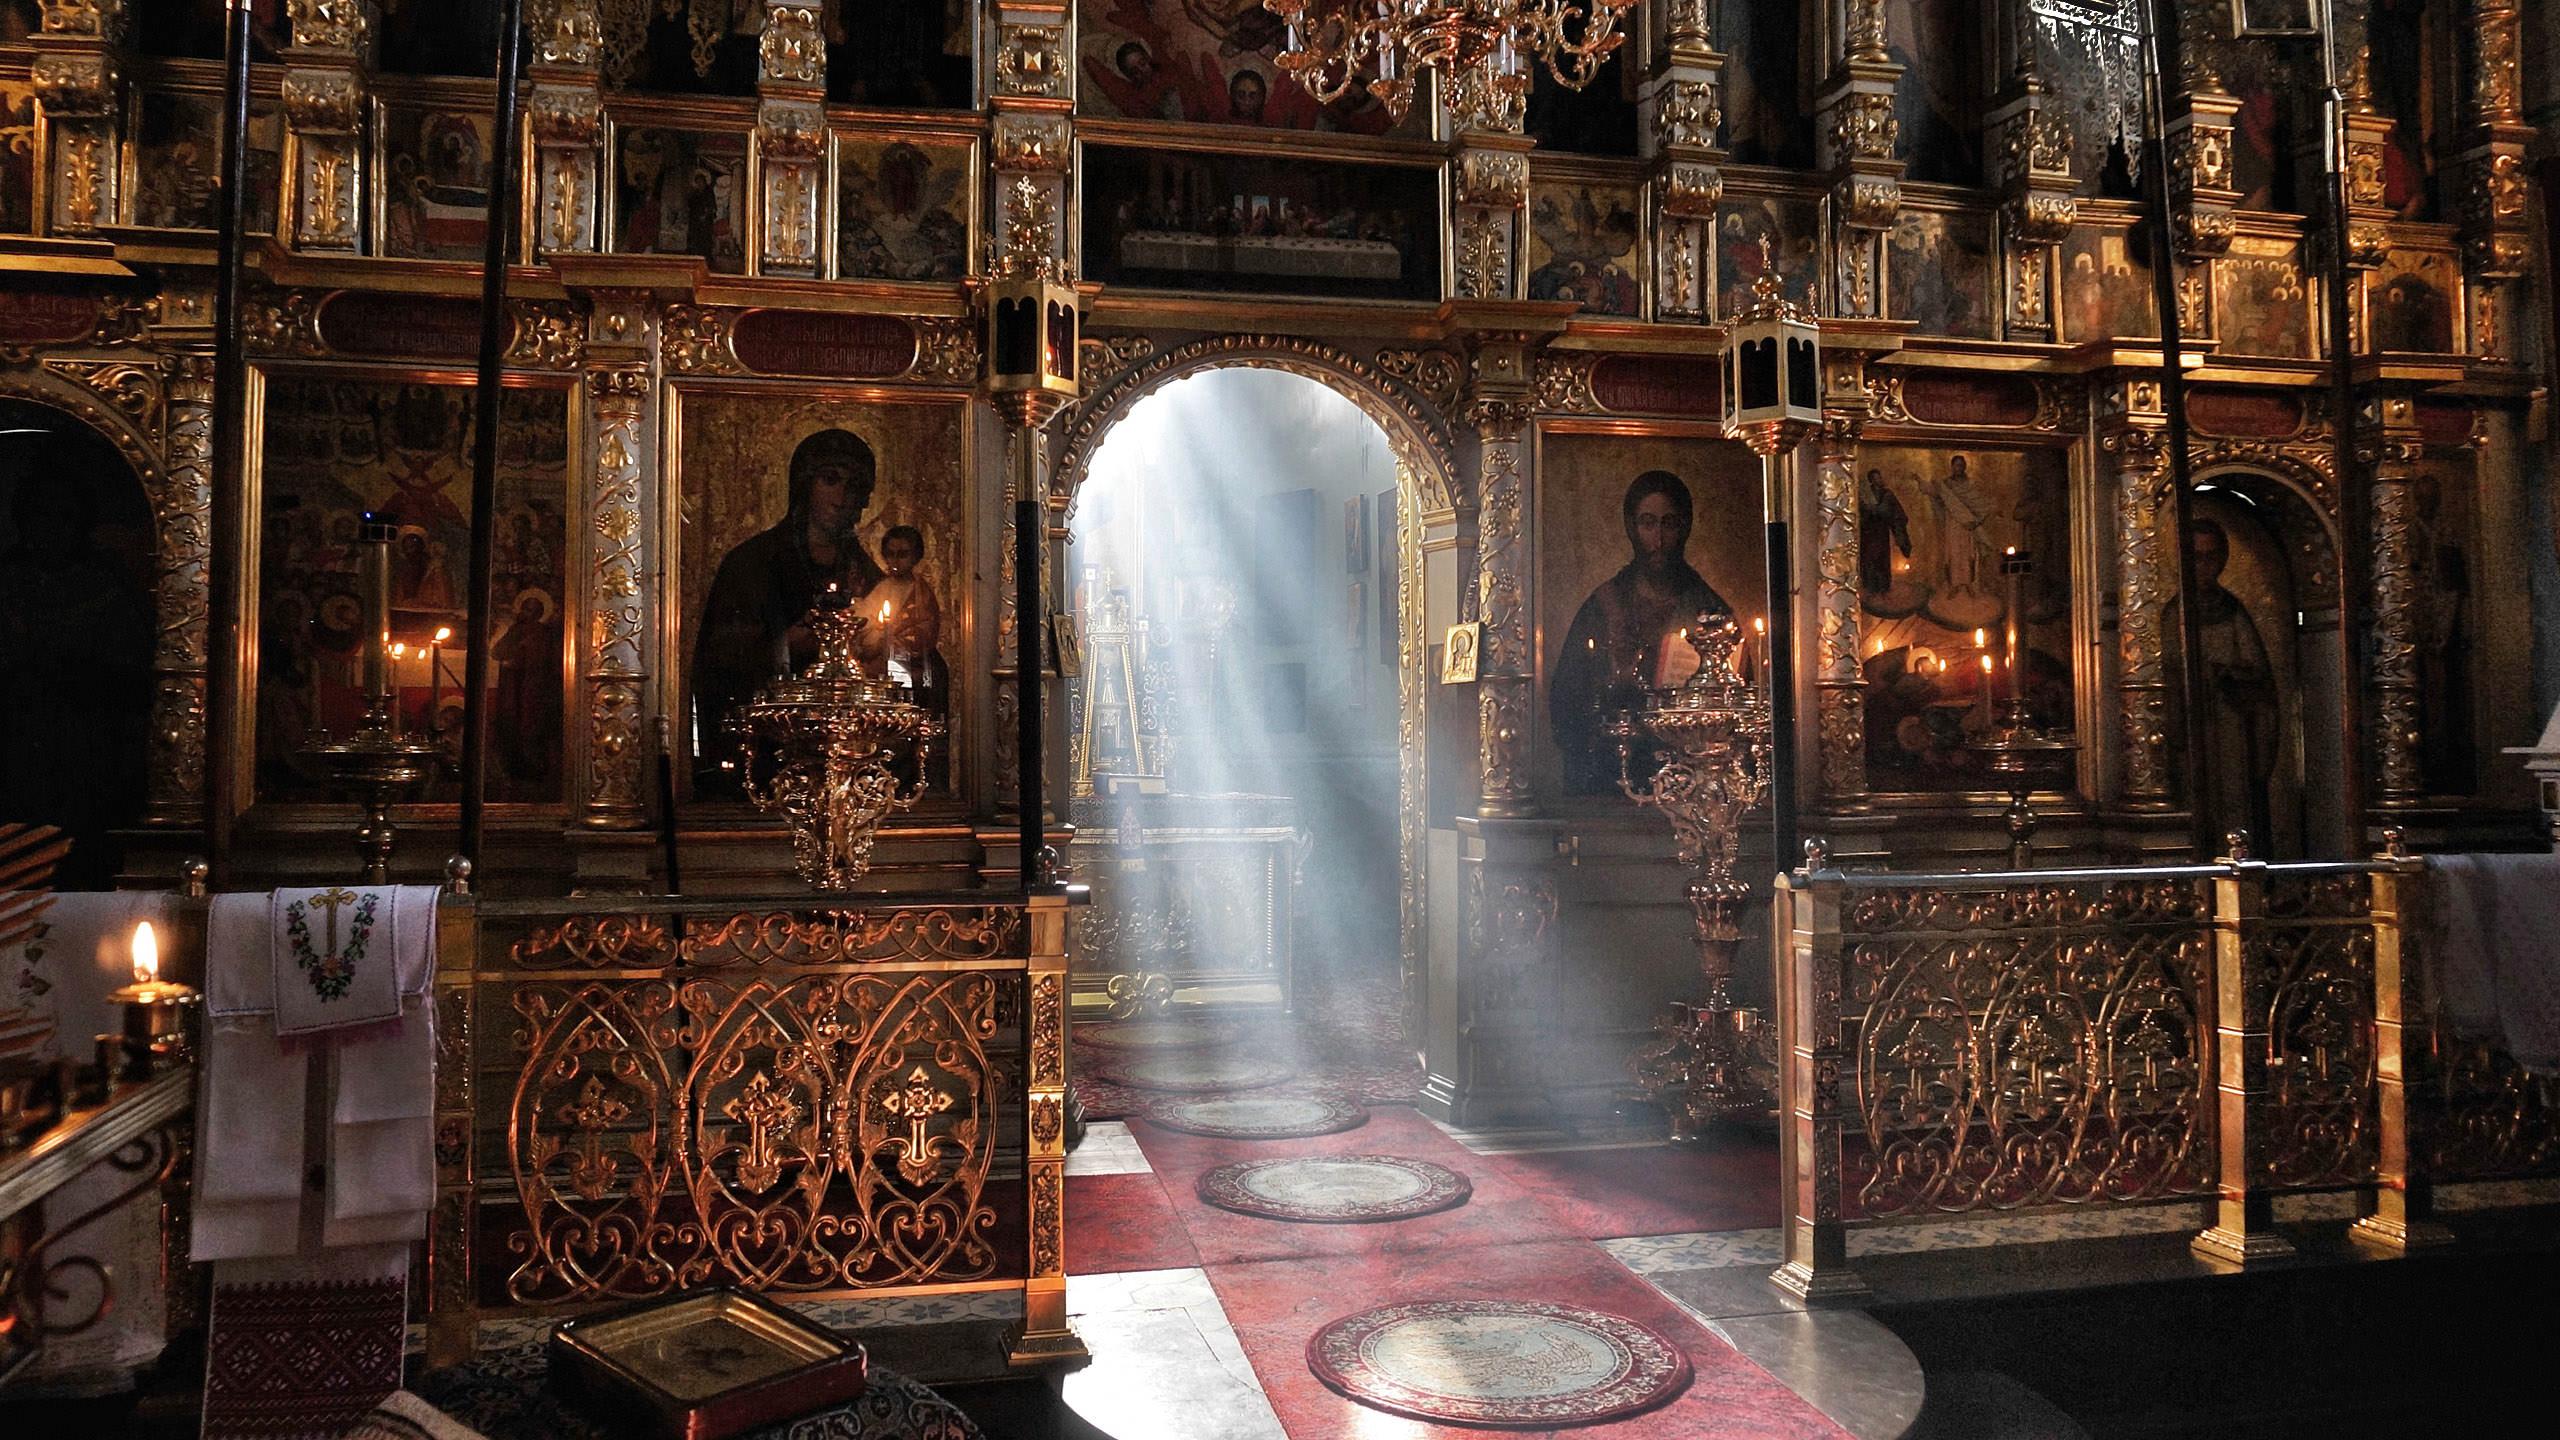 Ikonostas katedry prawosławnej w Lublinie